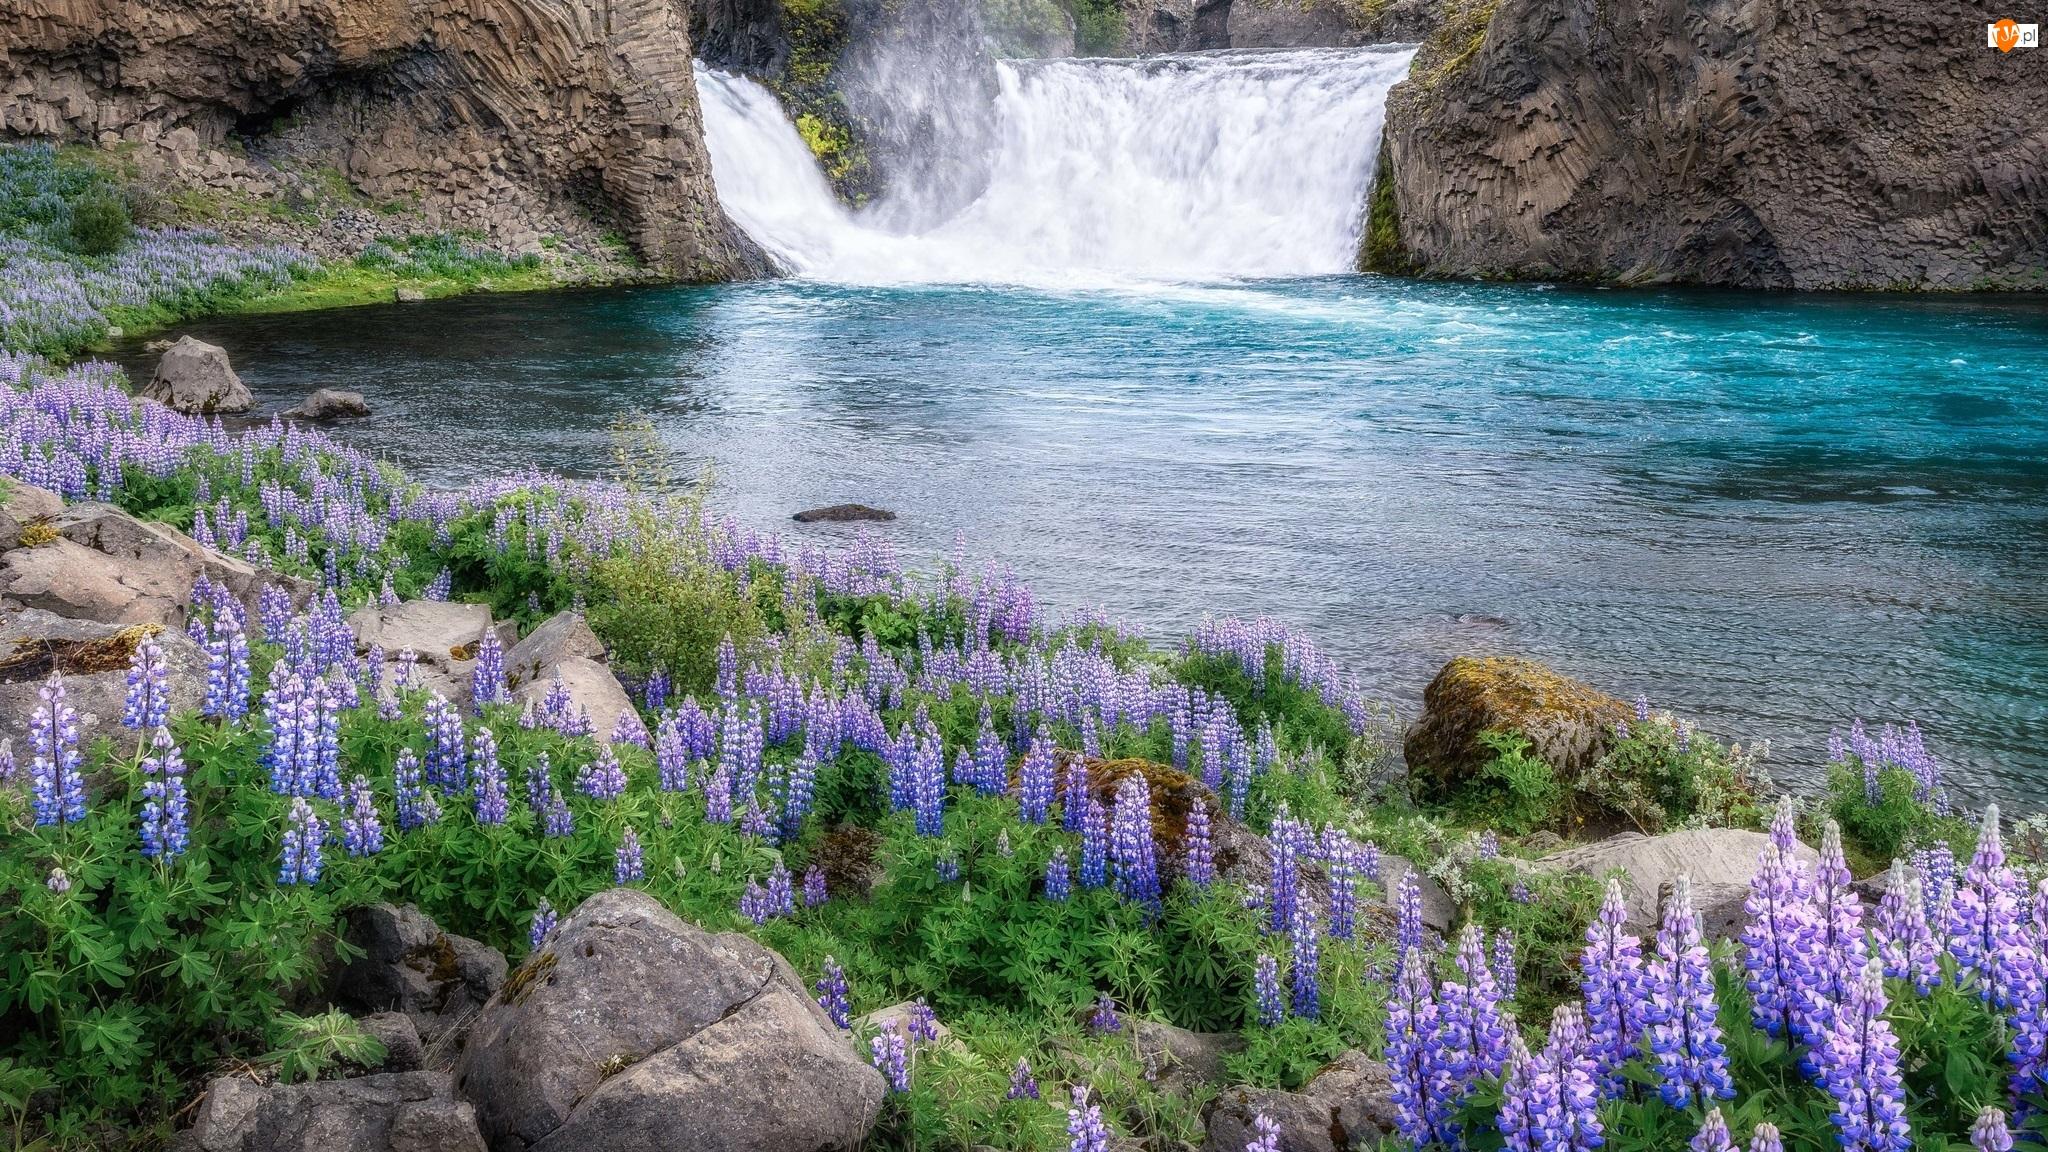 Skały, Wodospad, Kamienie, Łubin, Rzeka, Kwiaty